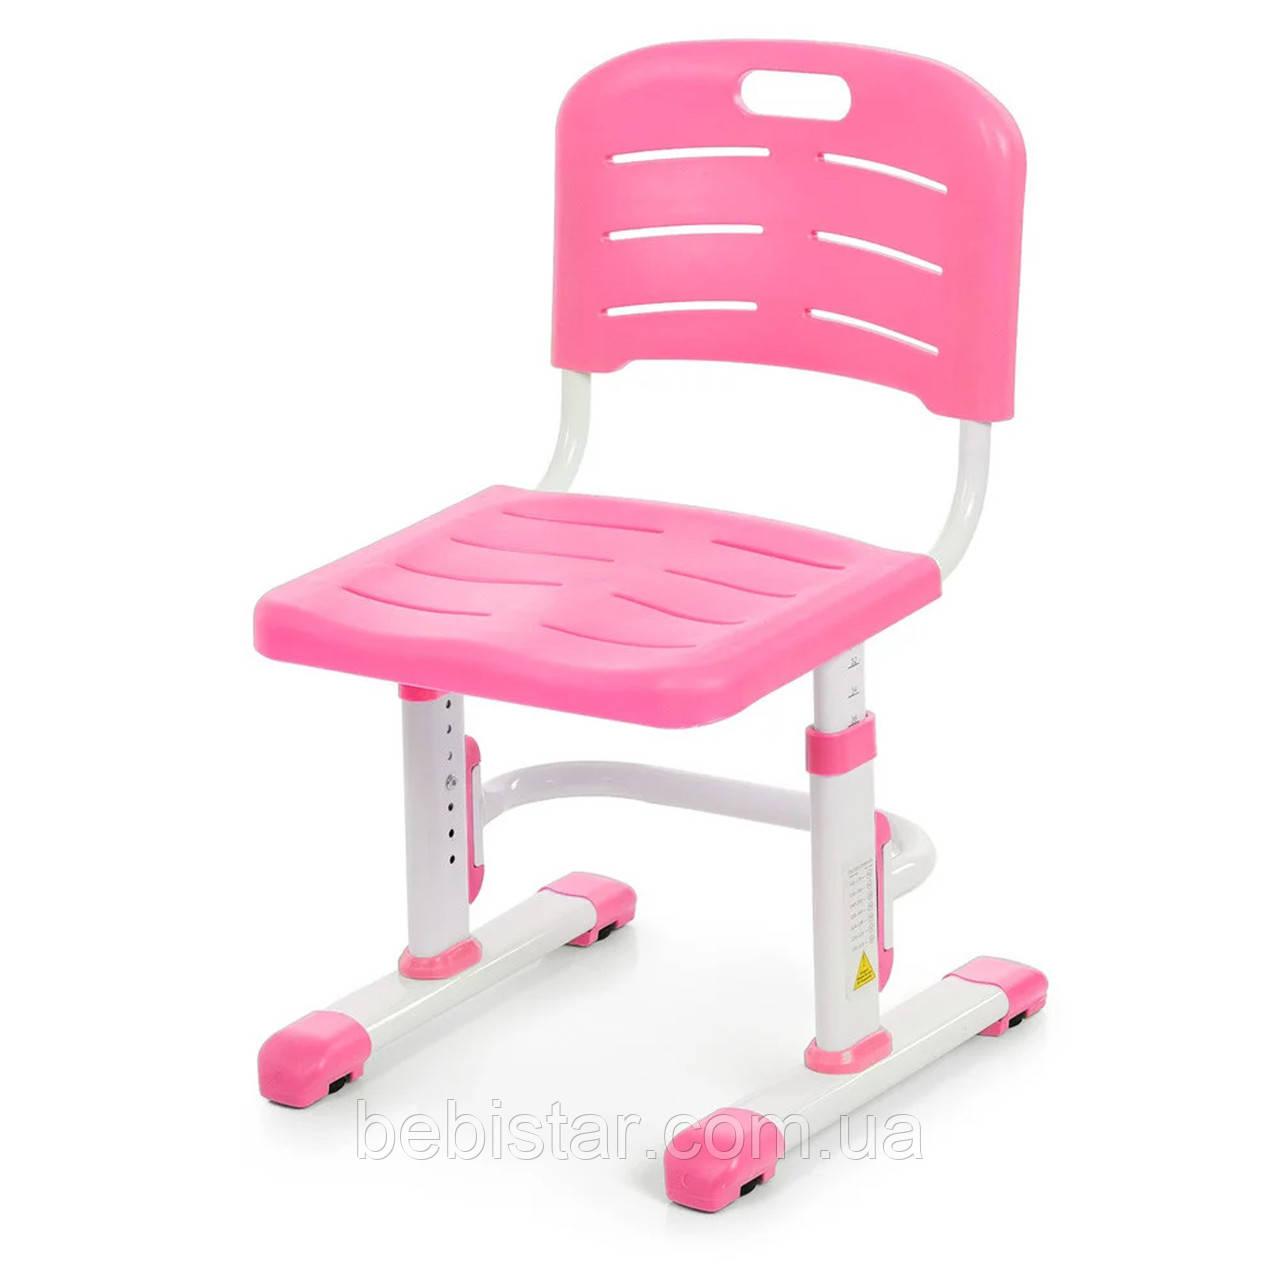 """Детская парта растишка """"Bambi"""" розового цвета трансформер девочке от 3 лет столешница 70 х 38 см - фото 5"""